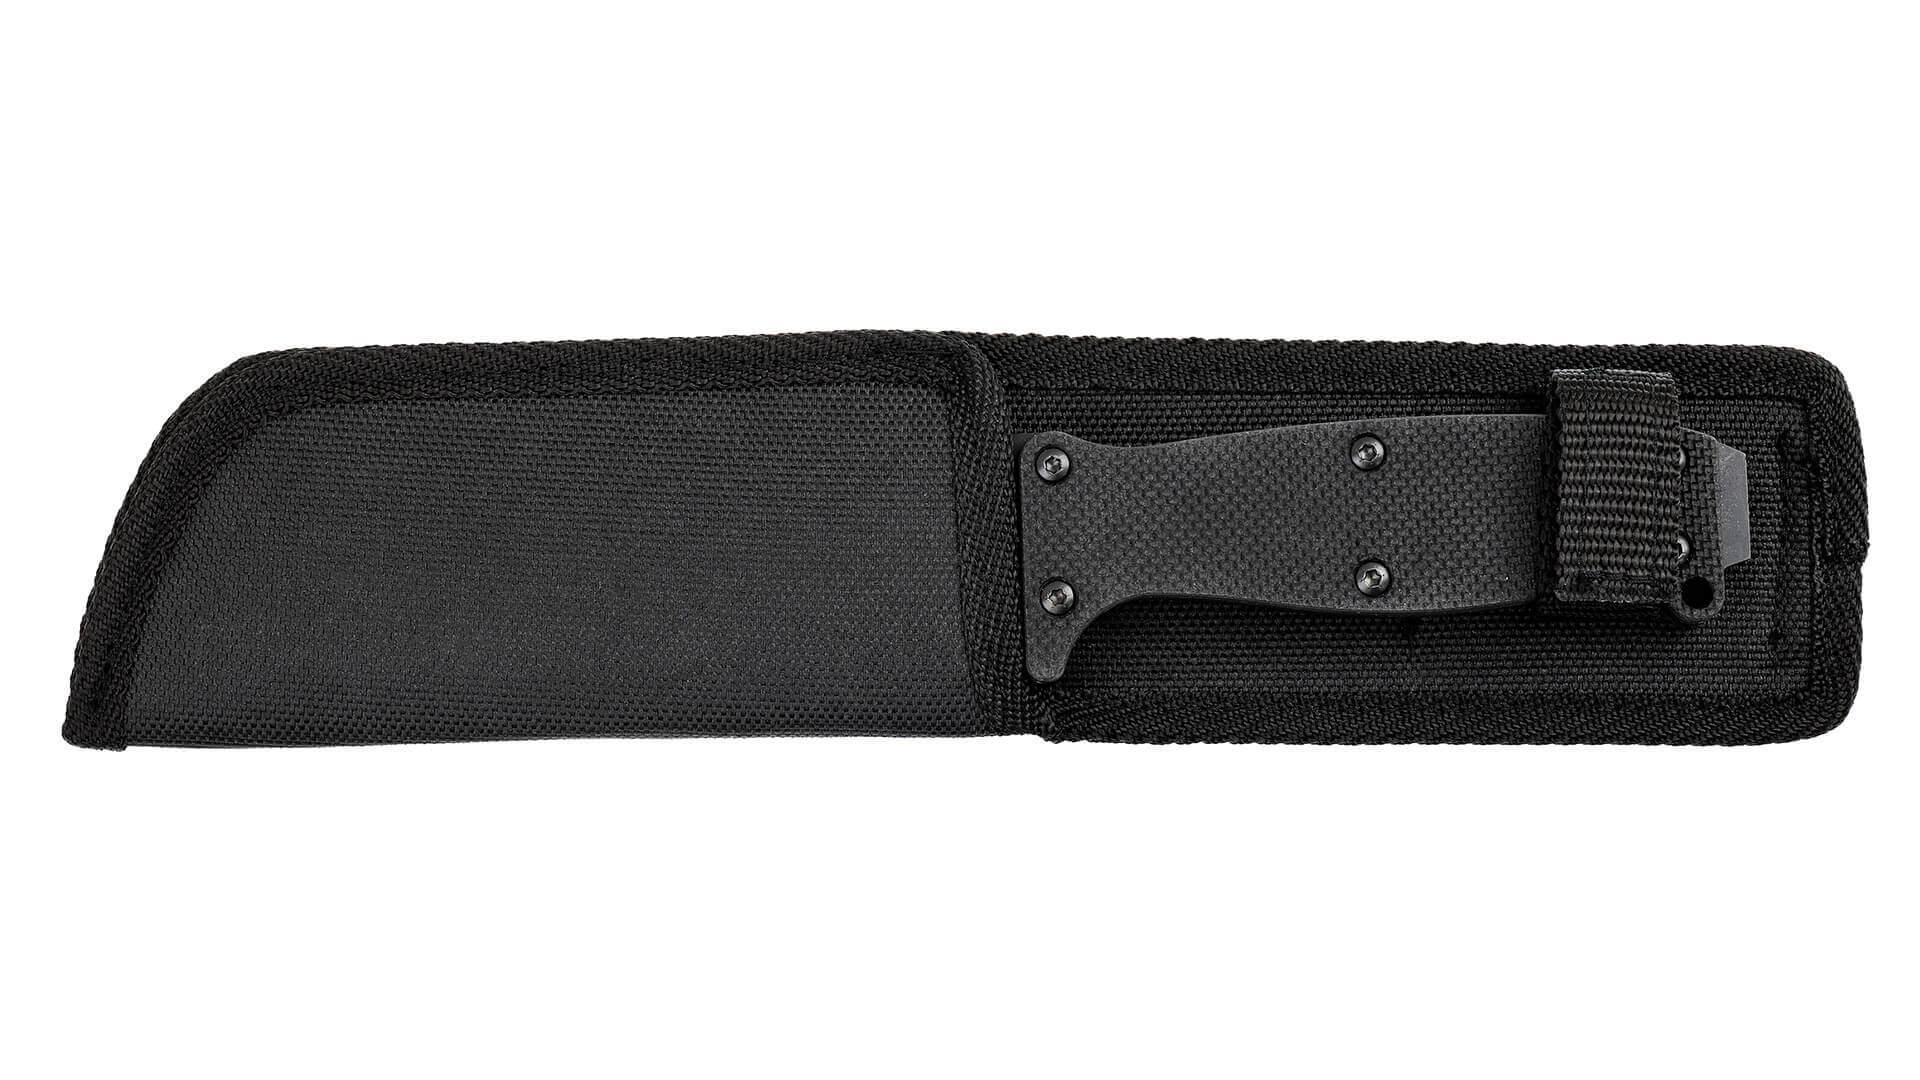 eickhorn-defender-black-130-machete-messer-outdoormesser-scheide